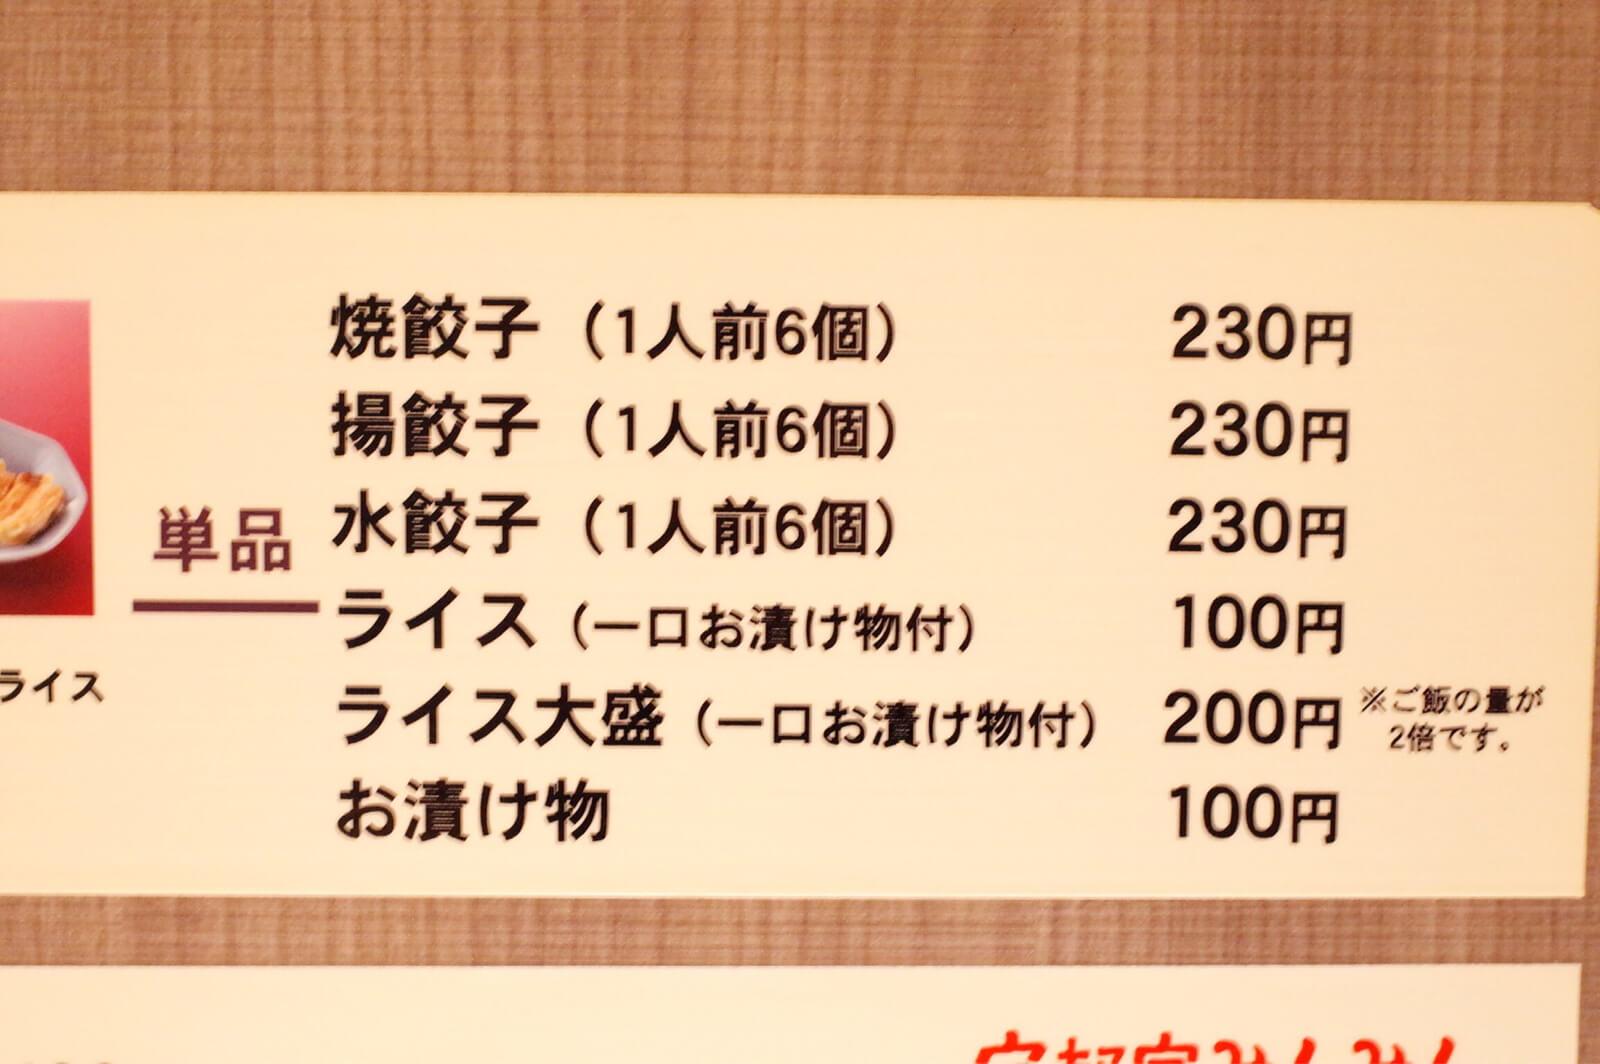 宇都宮みんみん メニュー 餃子